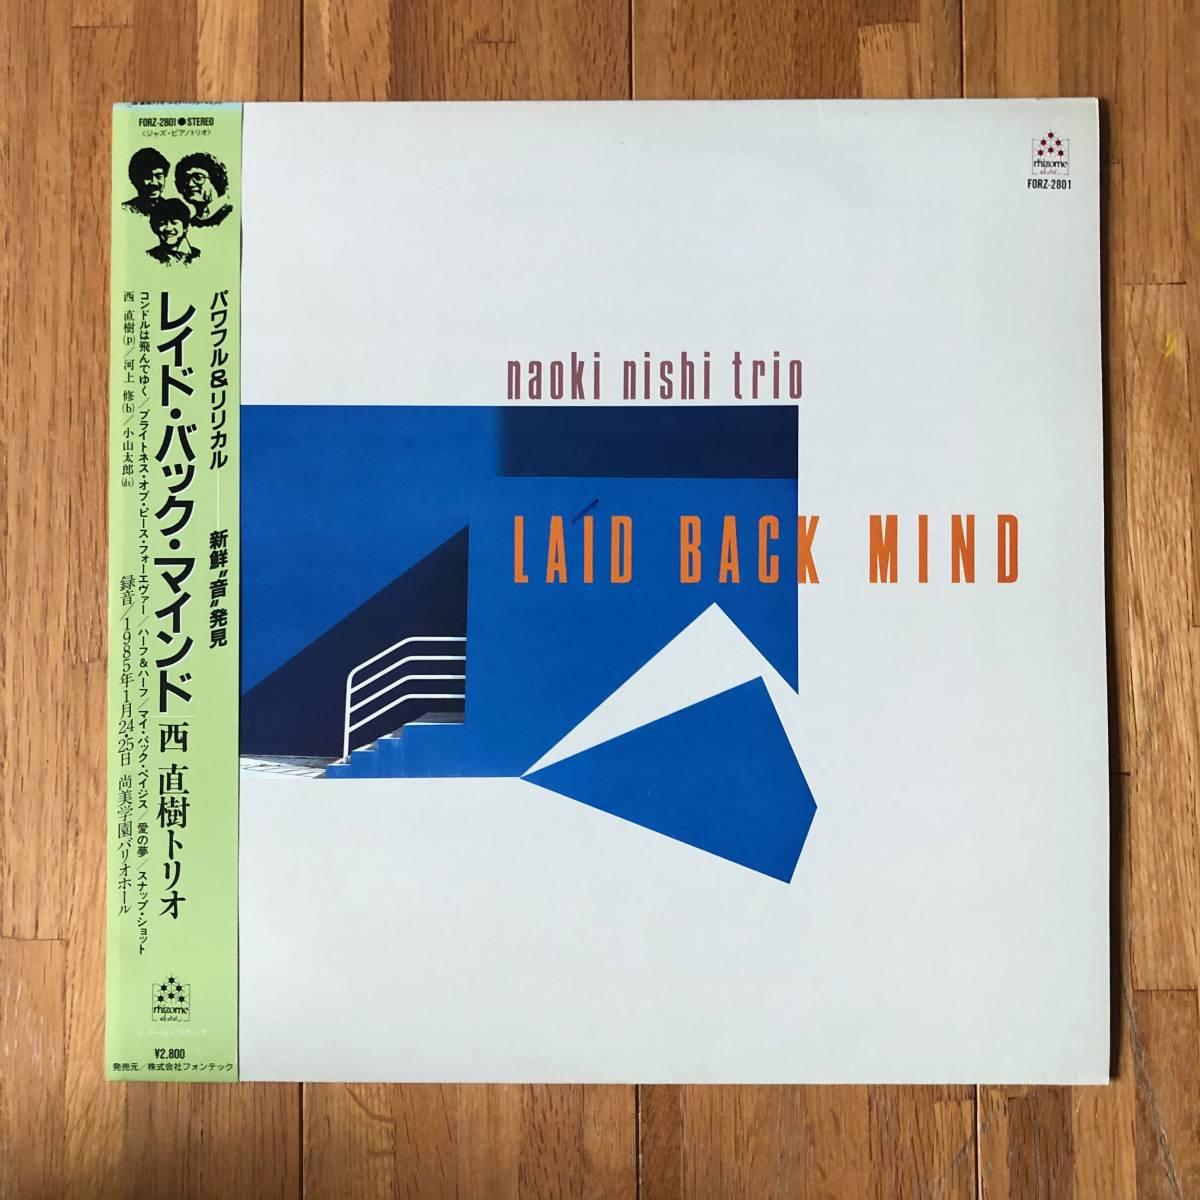 西直樹トリオ / LAID BACK MIND 和ジャズ ピアノトリオ 85年プレス feat.河上修、小山太郎